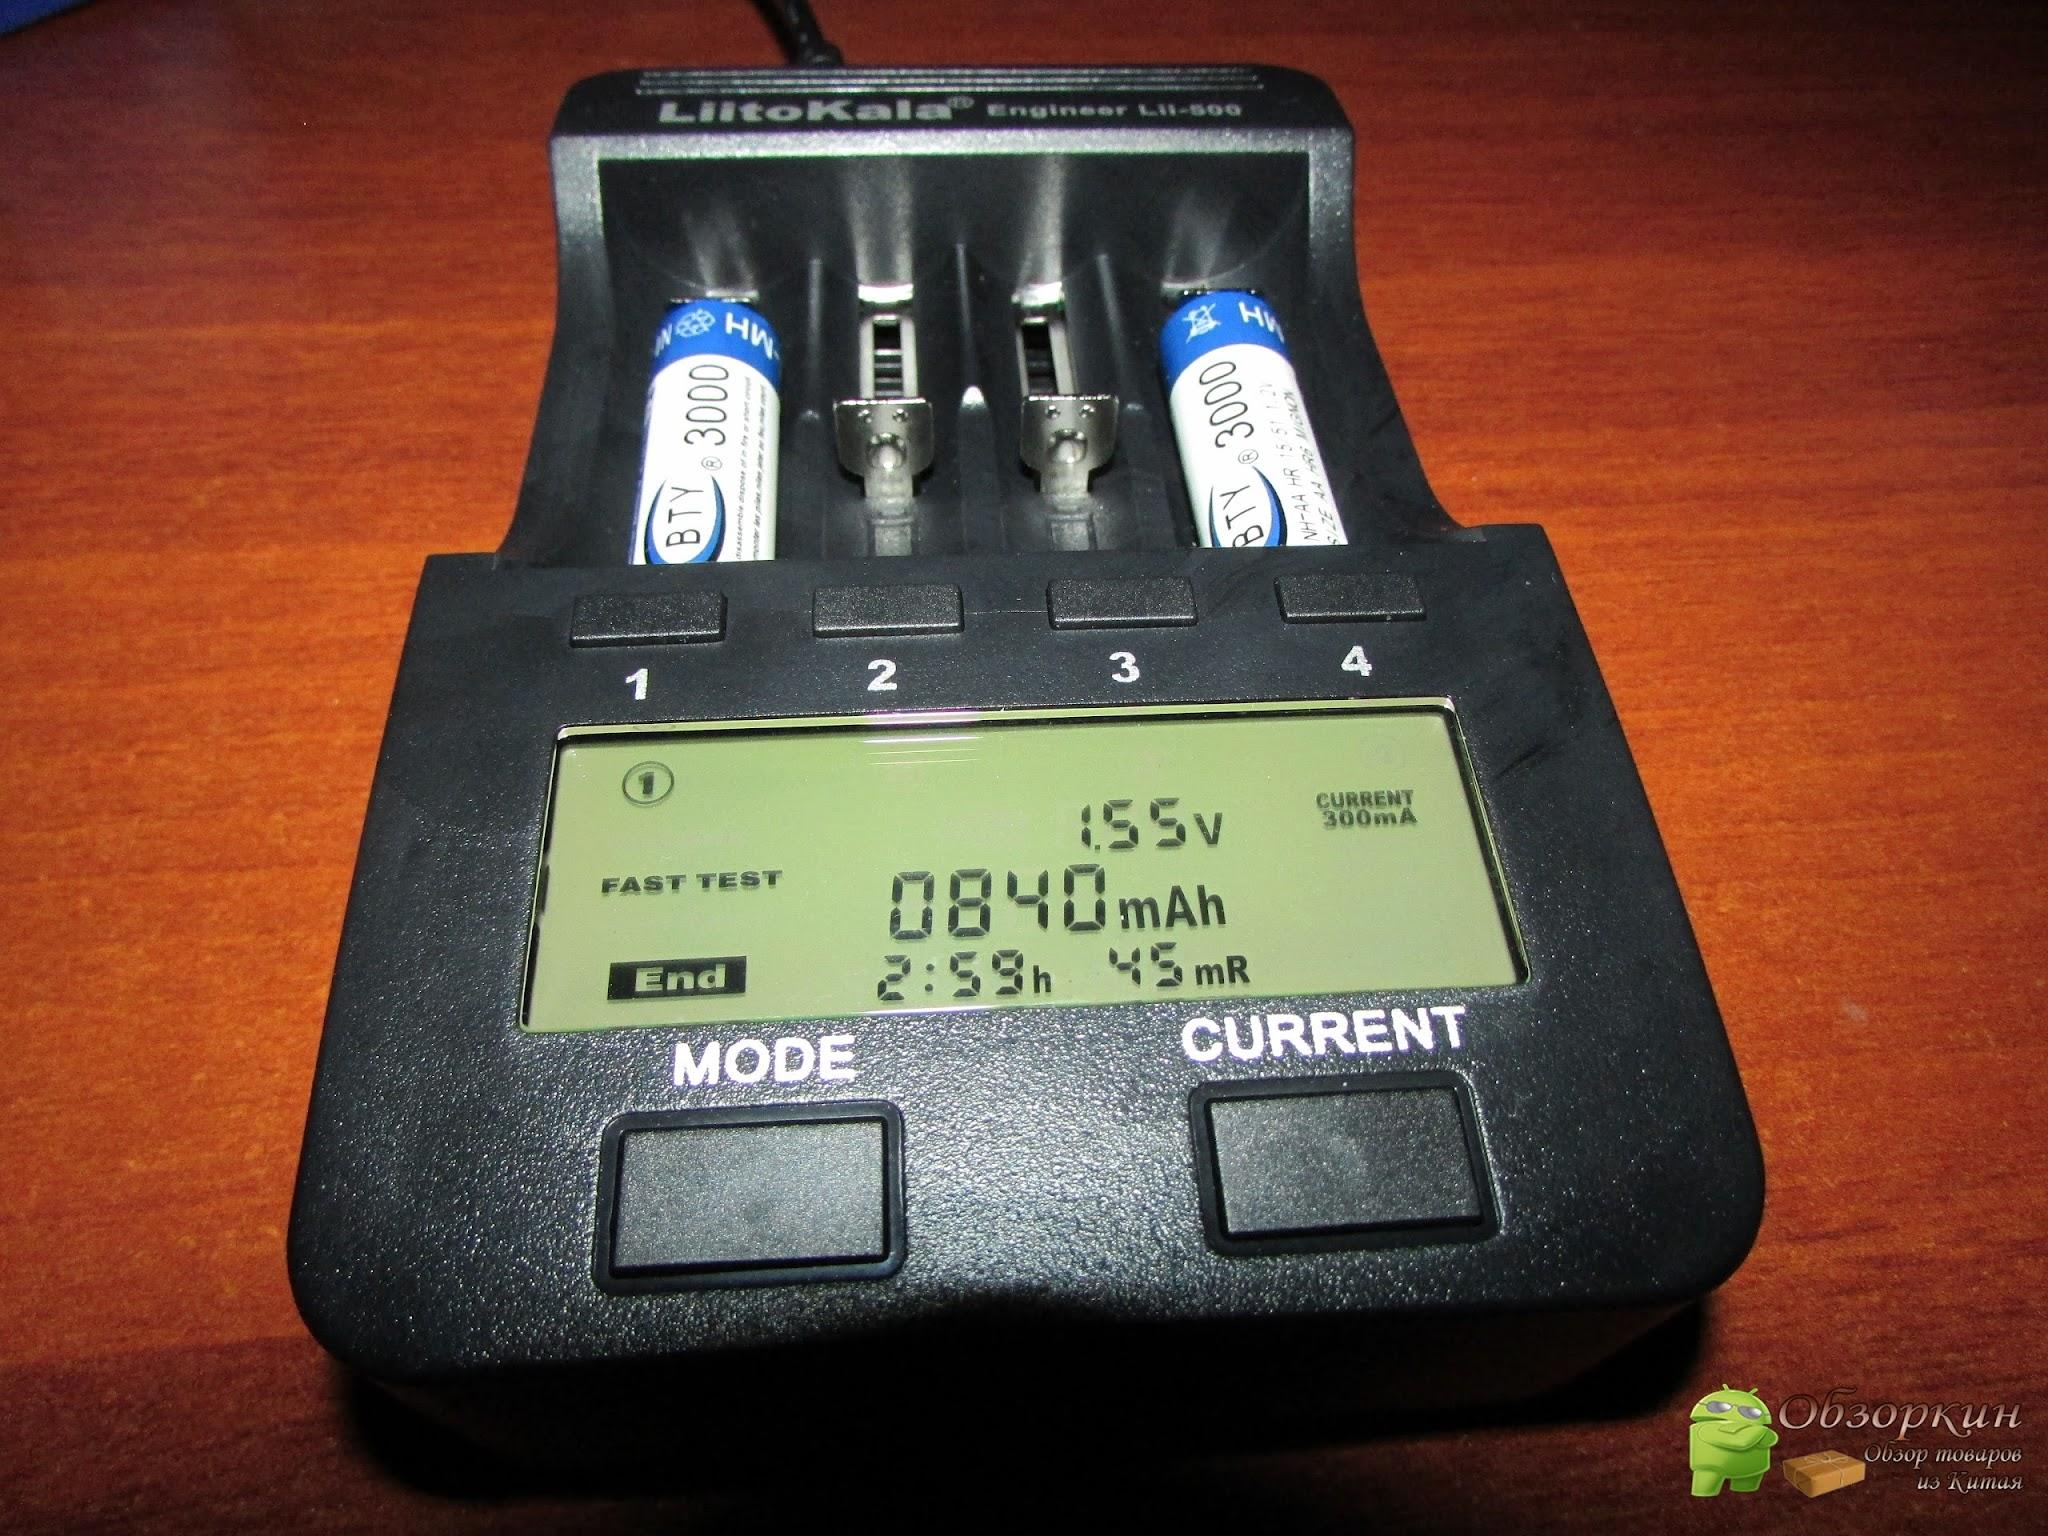 Зарядник LiitoKala Lii-500 для аккумуляторов Ni-MH/Cd и Li-ion. Посылка с Aliexpress